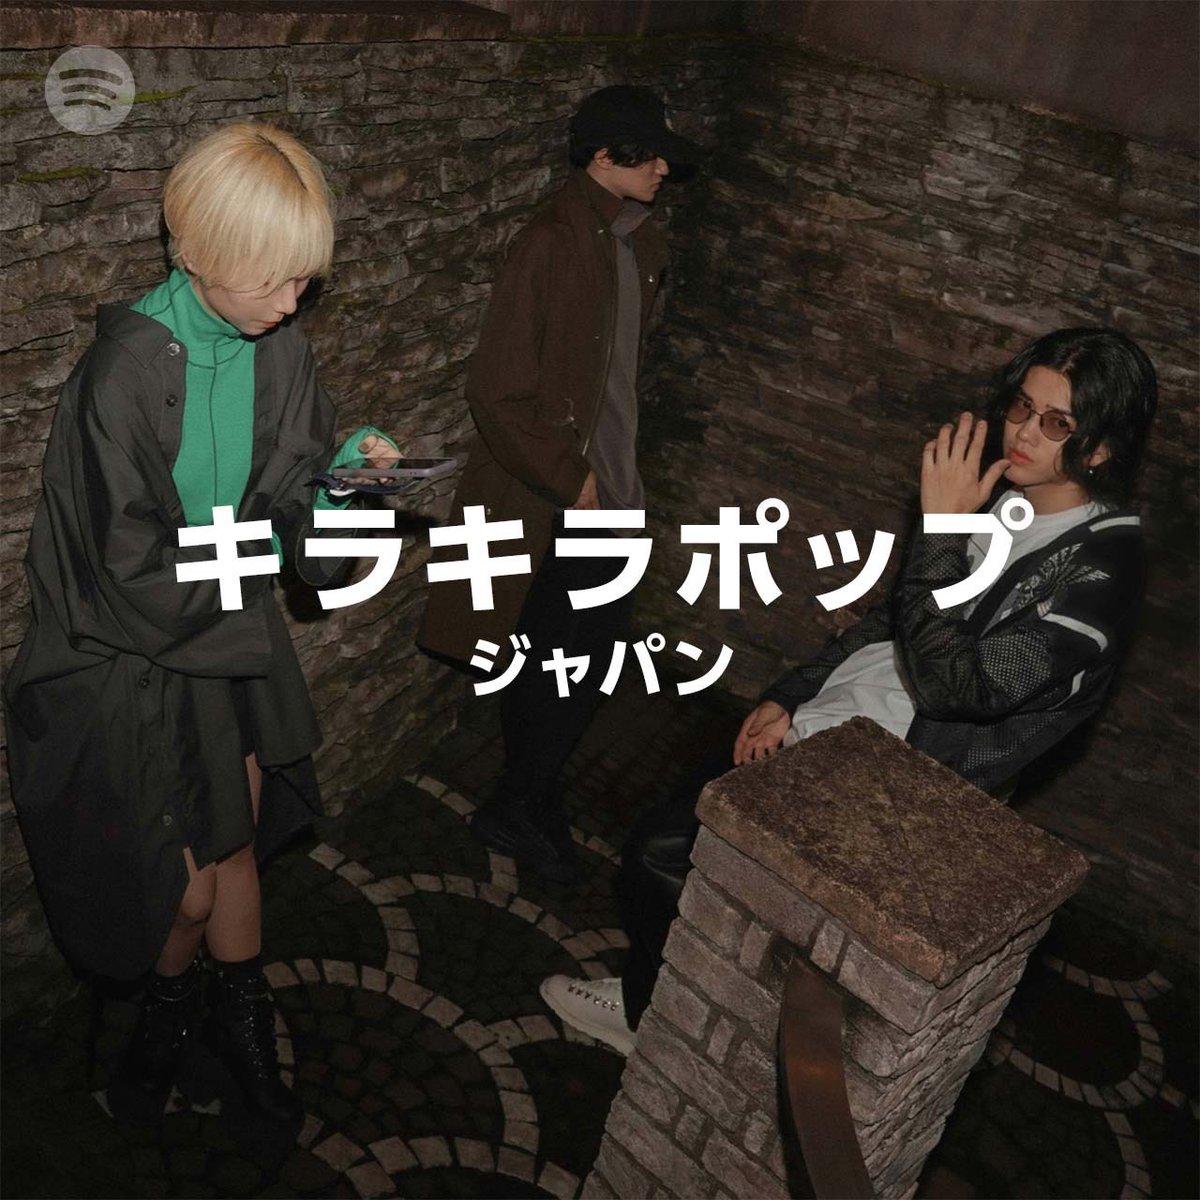 Spotify(@SpotifyJP ) 公式プレイリストキラキラポップ:ジャパン に #かわかわ のカップリング曲「#YOLO」がリストイン!!ふくりゅうさん(@fukuryu_76 )ありがとうございます!!BTS等も手がけるUTAさんによるアップテンポな恋愛ソングになっています♫#DEEPSQUAD